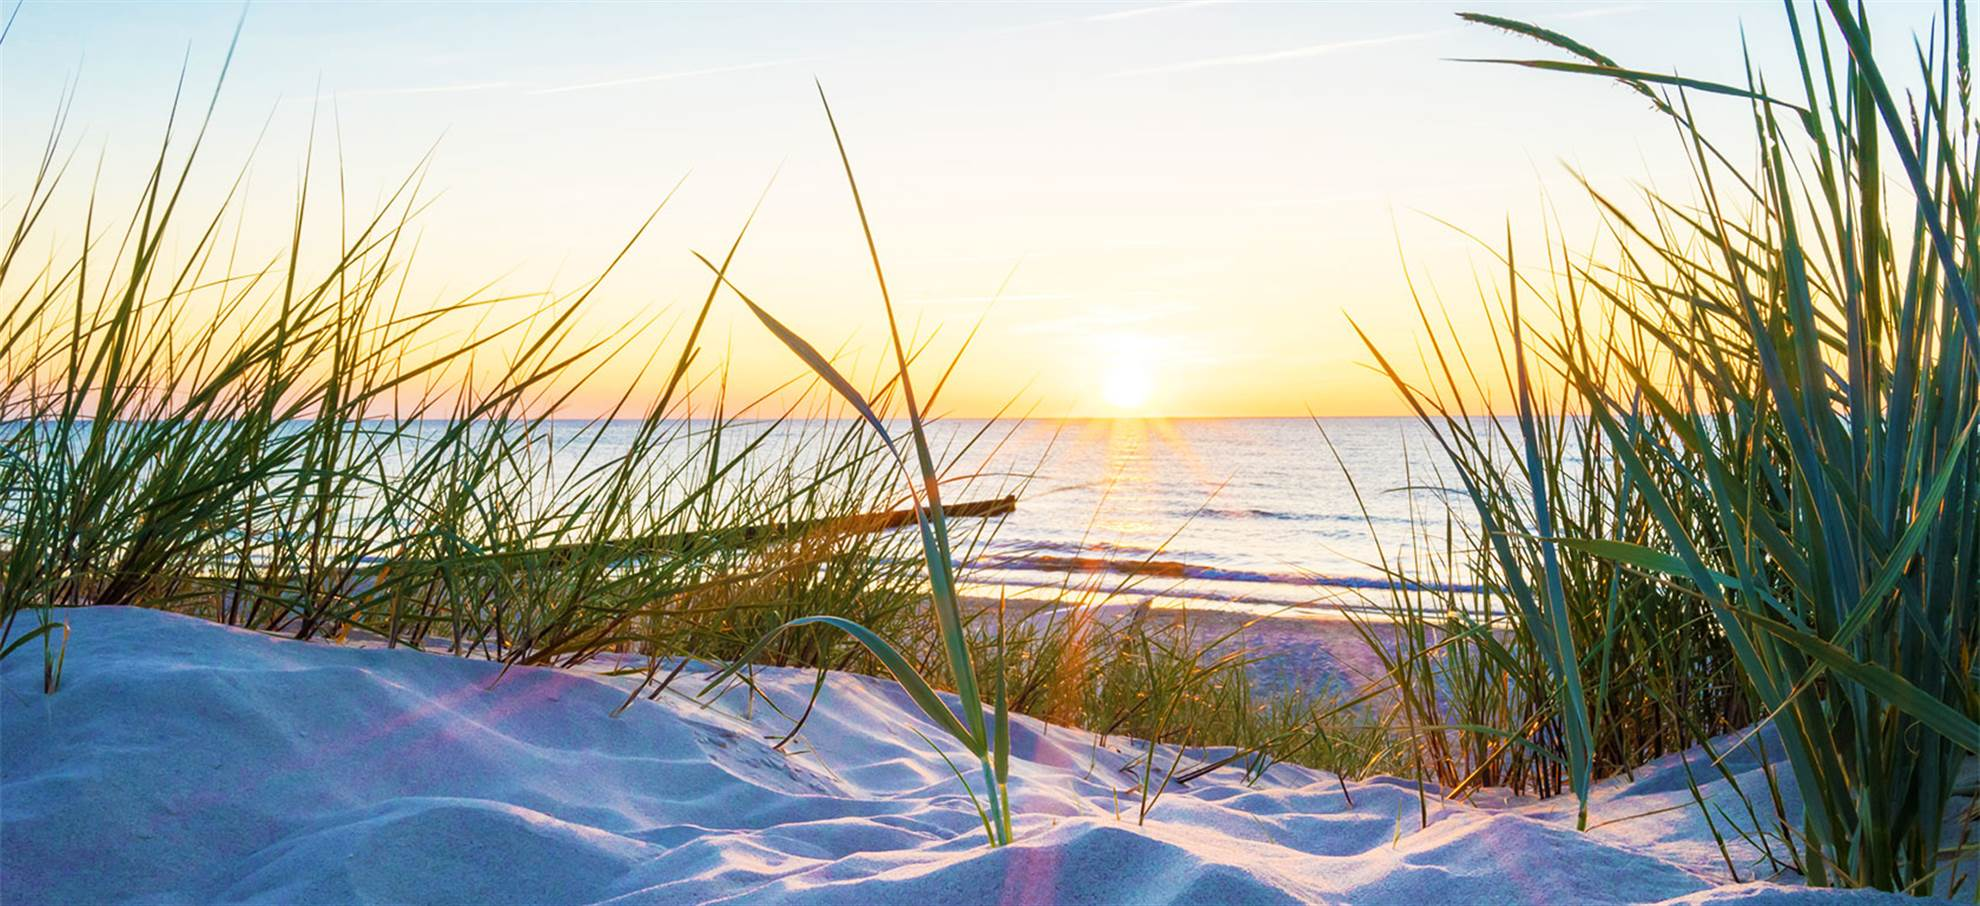 La playa y las dunas: Conoce el país bajo el nivel del mar (Activo y diponible para reservar)